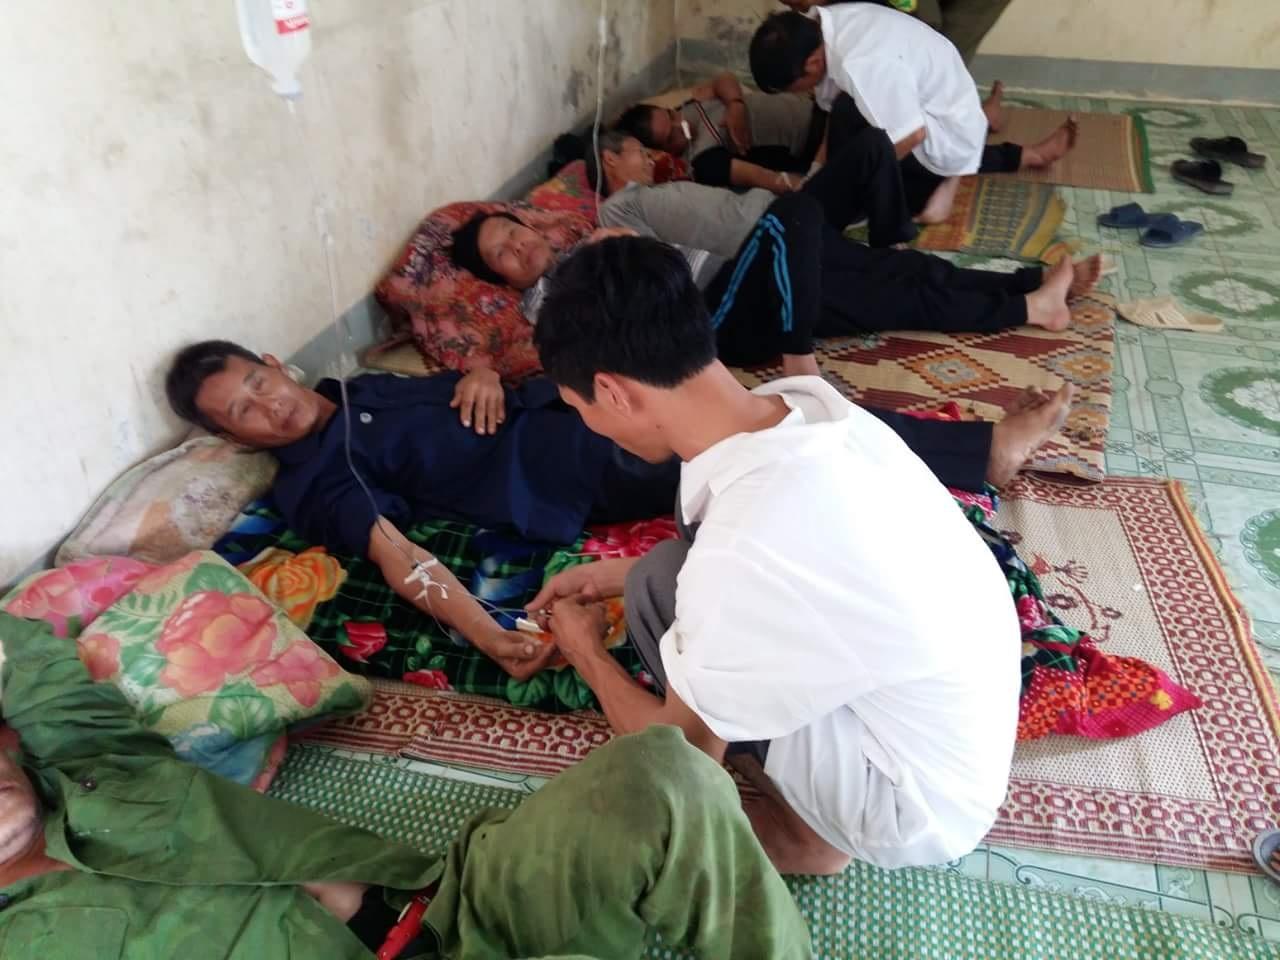 Đội ngũ quân y Bệnh xá Quân dân y kết hợp Tiểu khu 50 trong một chuyến cai nghiện tại cộng đồng.